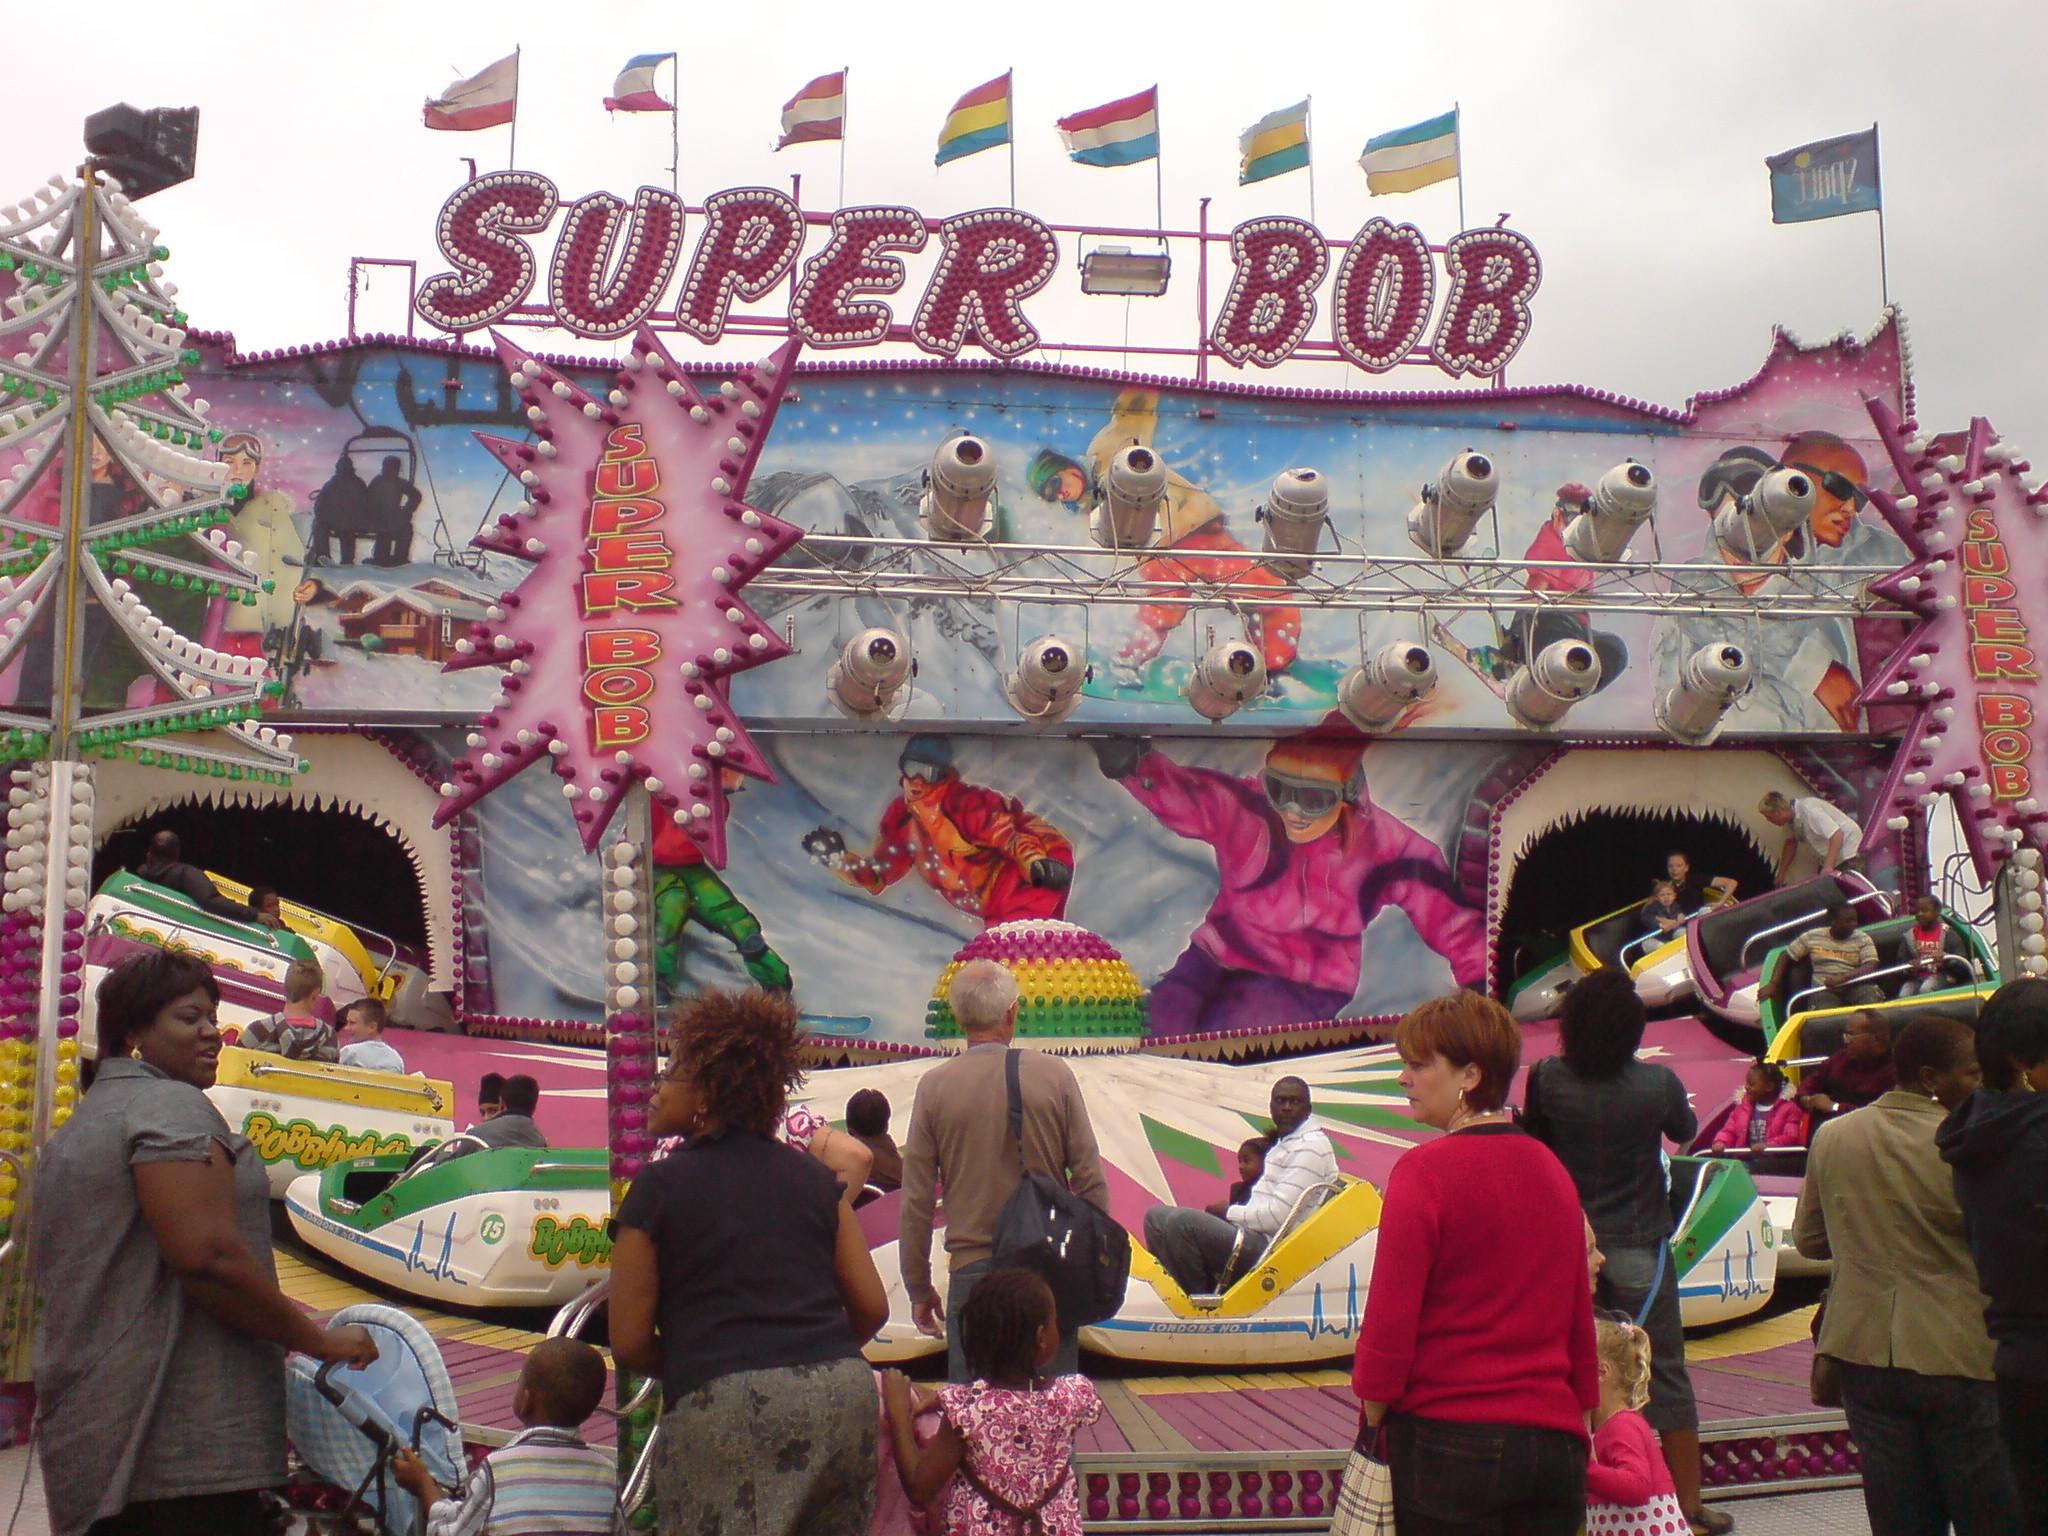 Blackheath Fun Fair near Greenwich Park